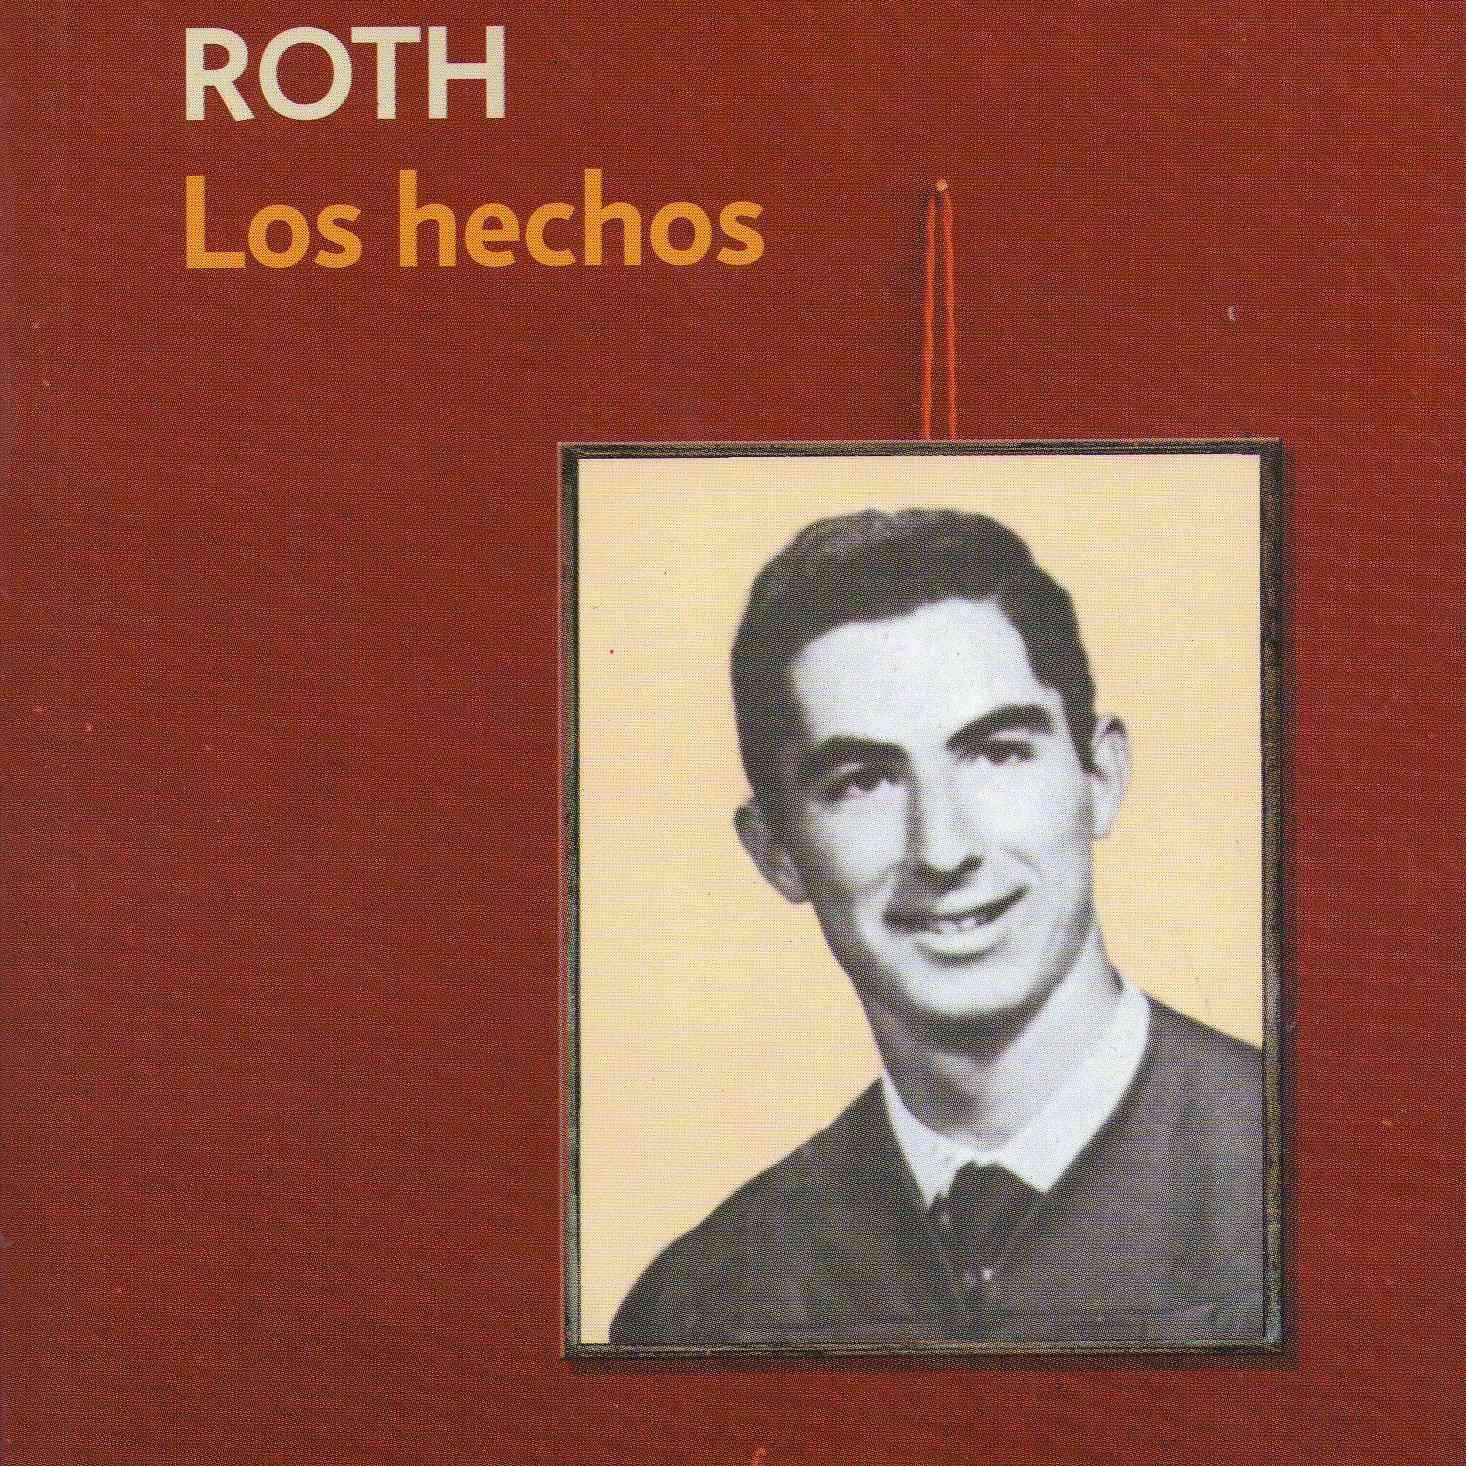 Los hechos autobiografia de Philip Roth